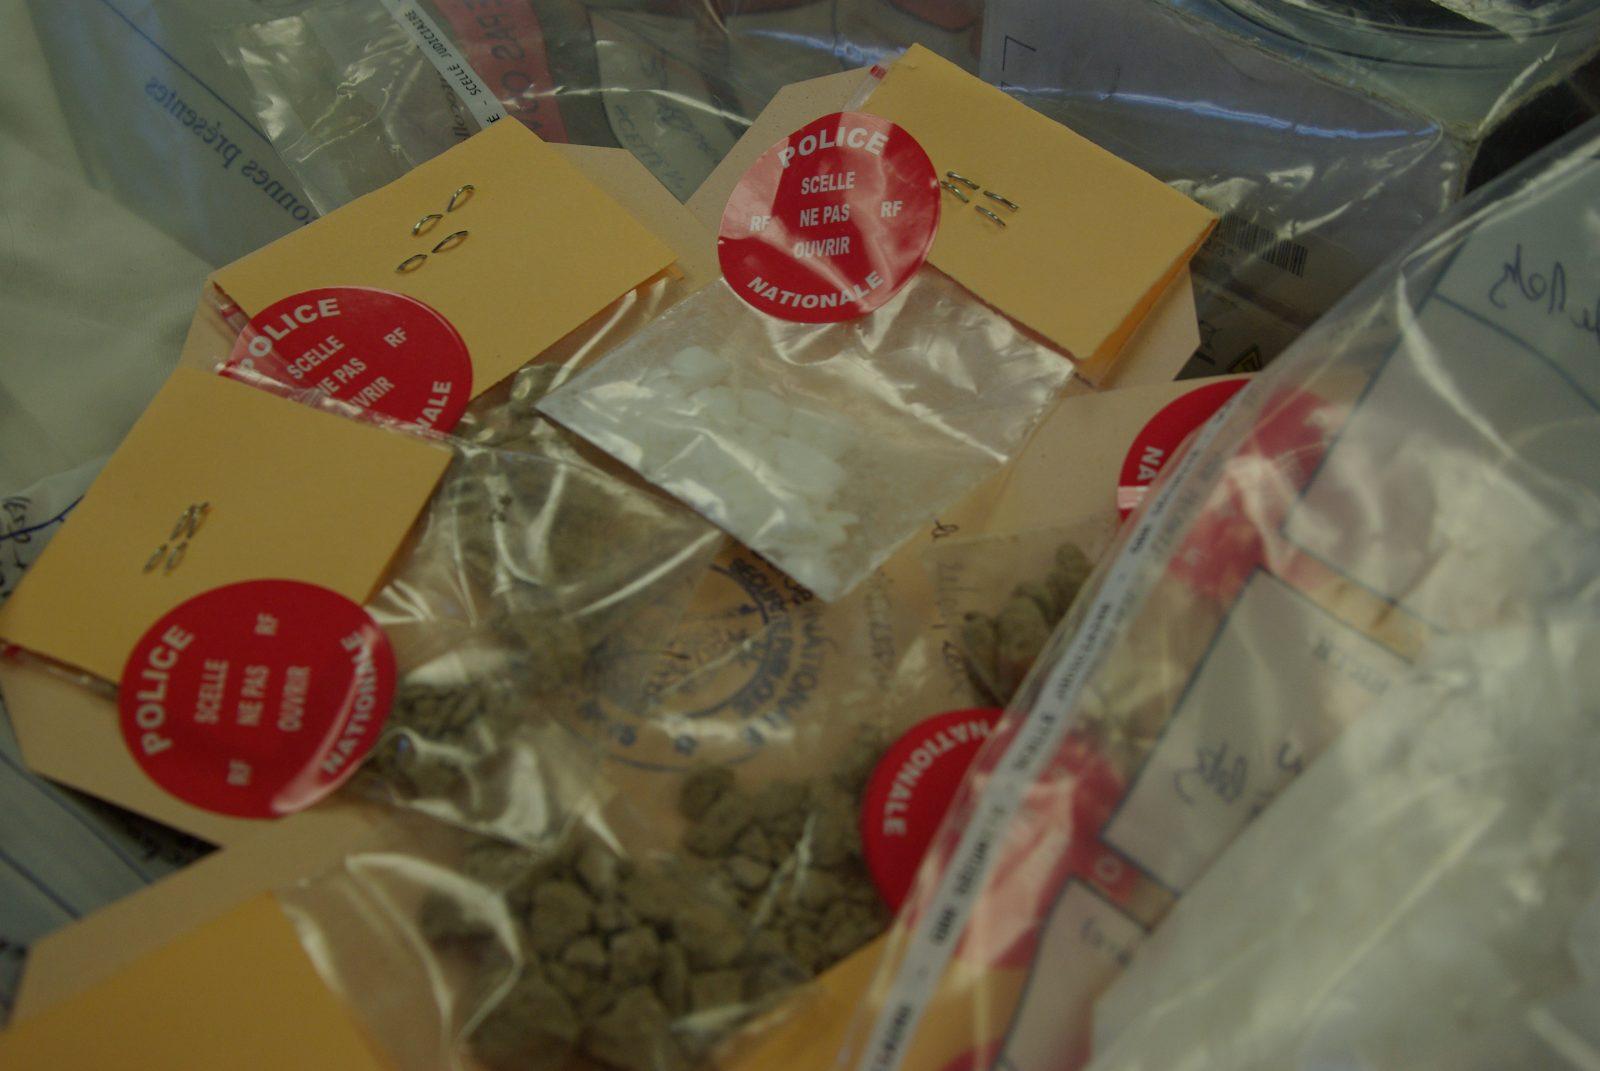 Des armes, de la drogue et de l'argent liquide saisies à Woippy